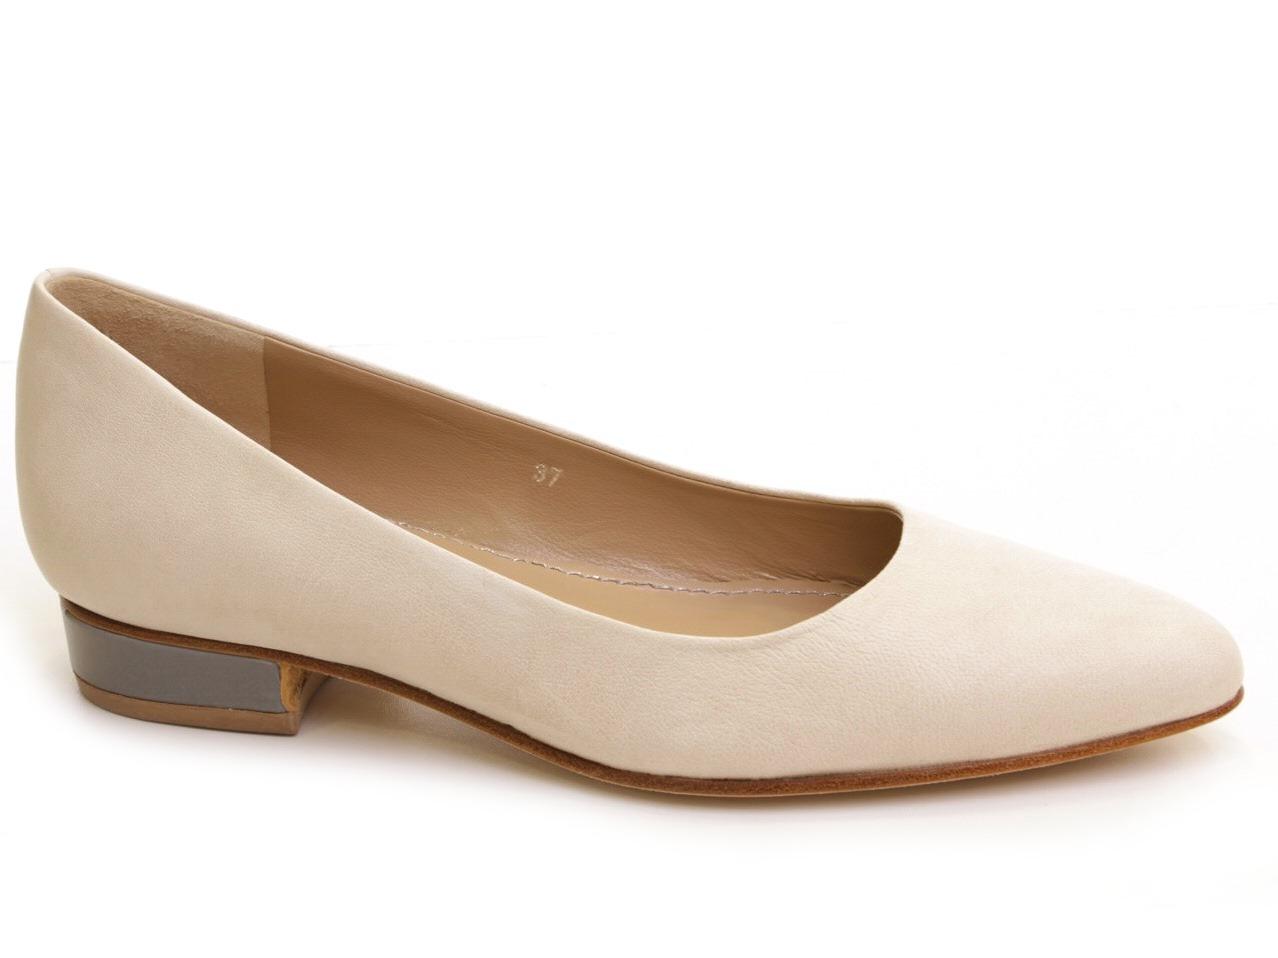 Zapatos Planos, Sabrinas, Mocassins Helsar - 032 MARTHA